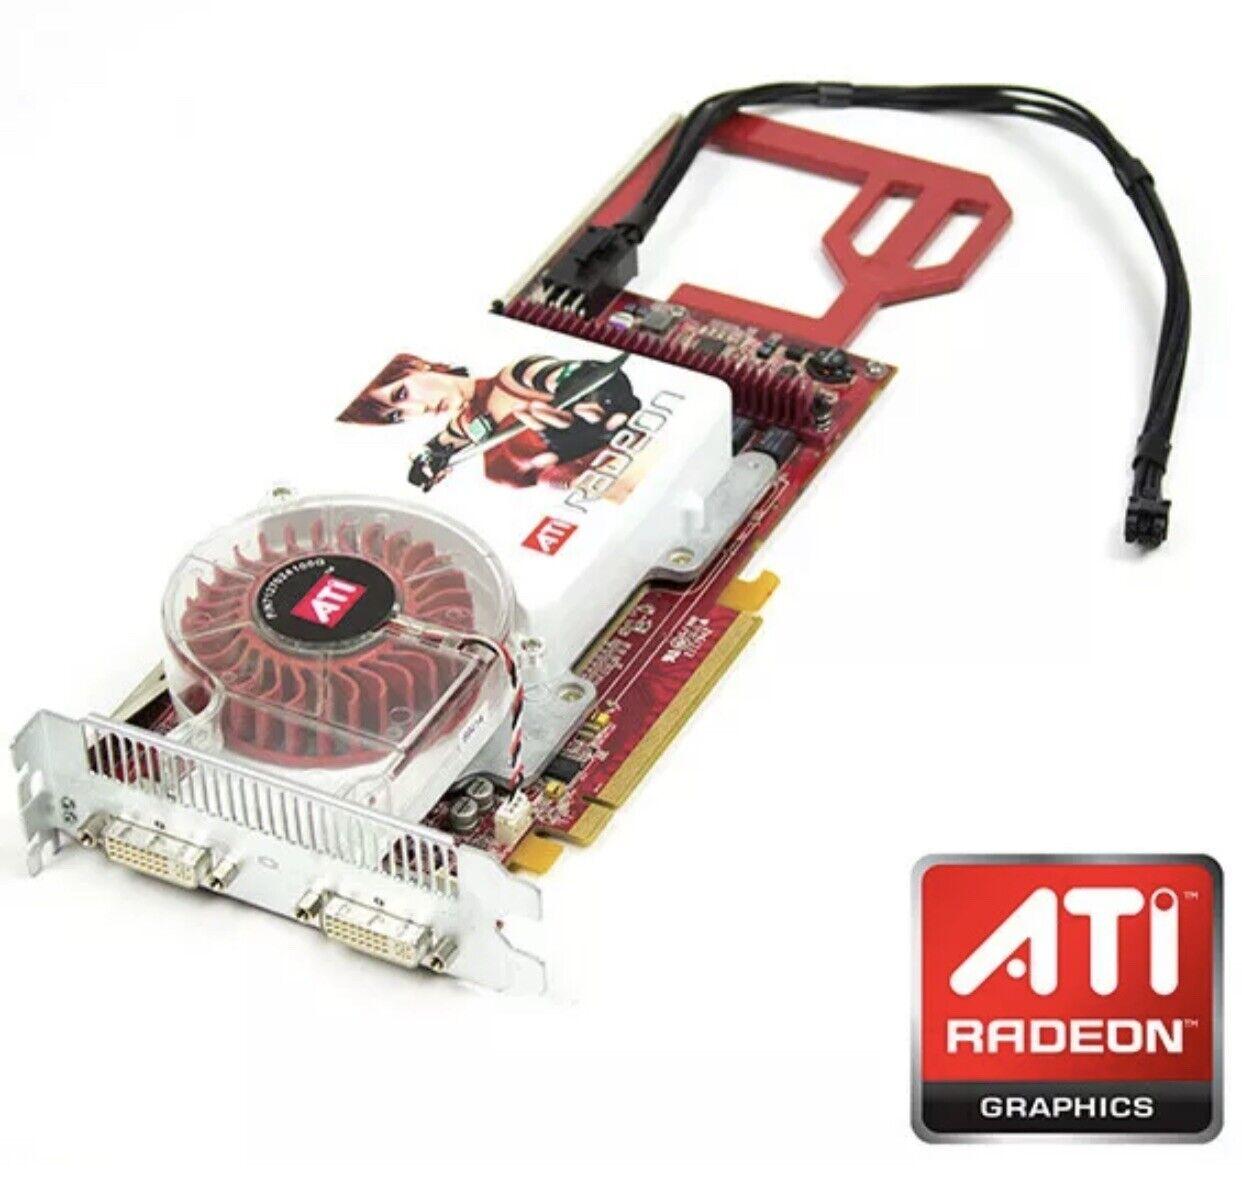 Genuine ATI radeon x1900xt 512mb apple mac pro graphics card dual dvi